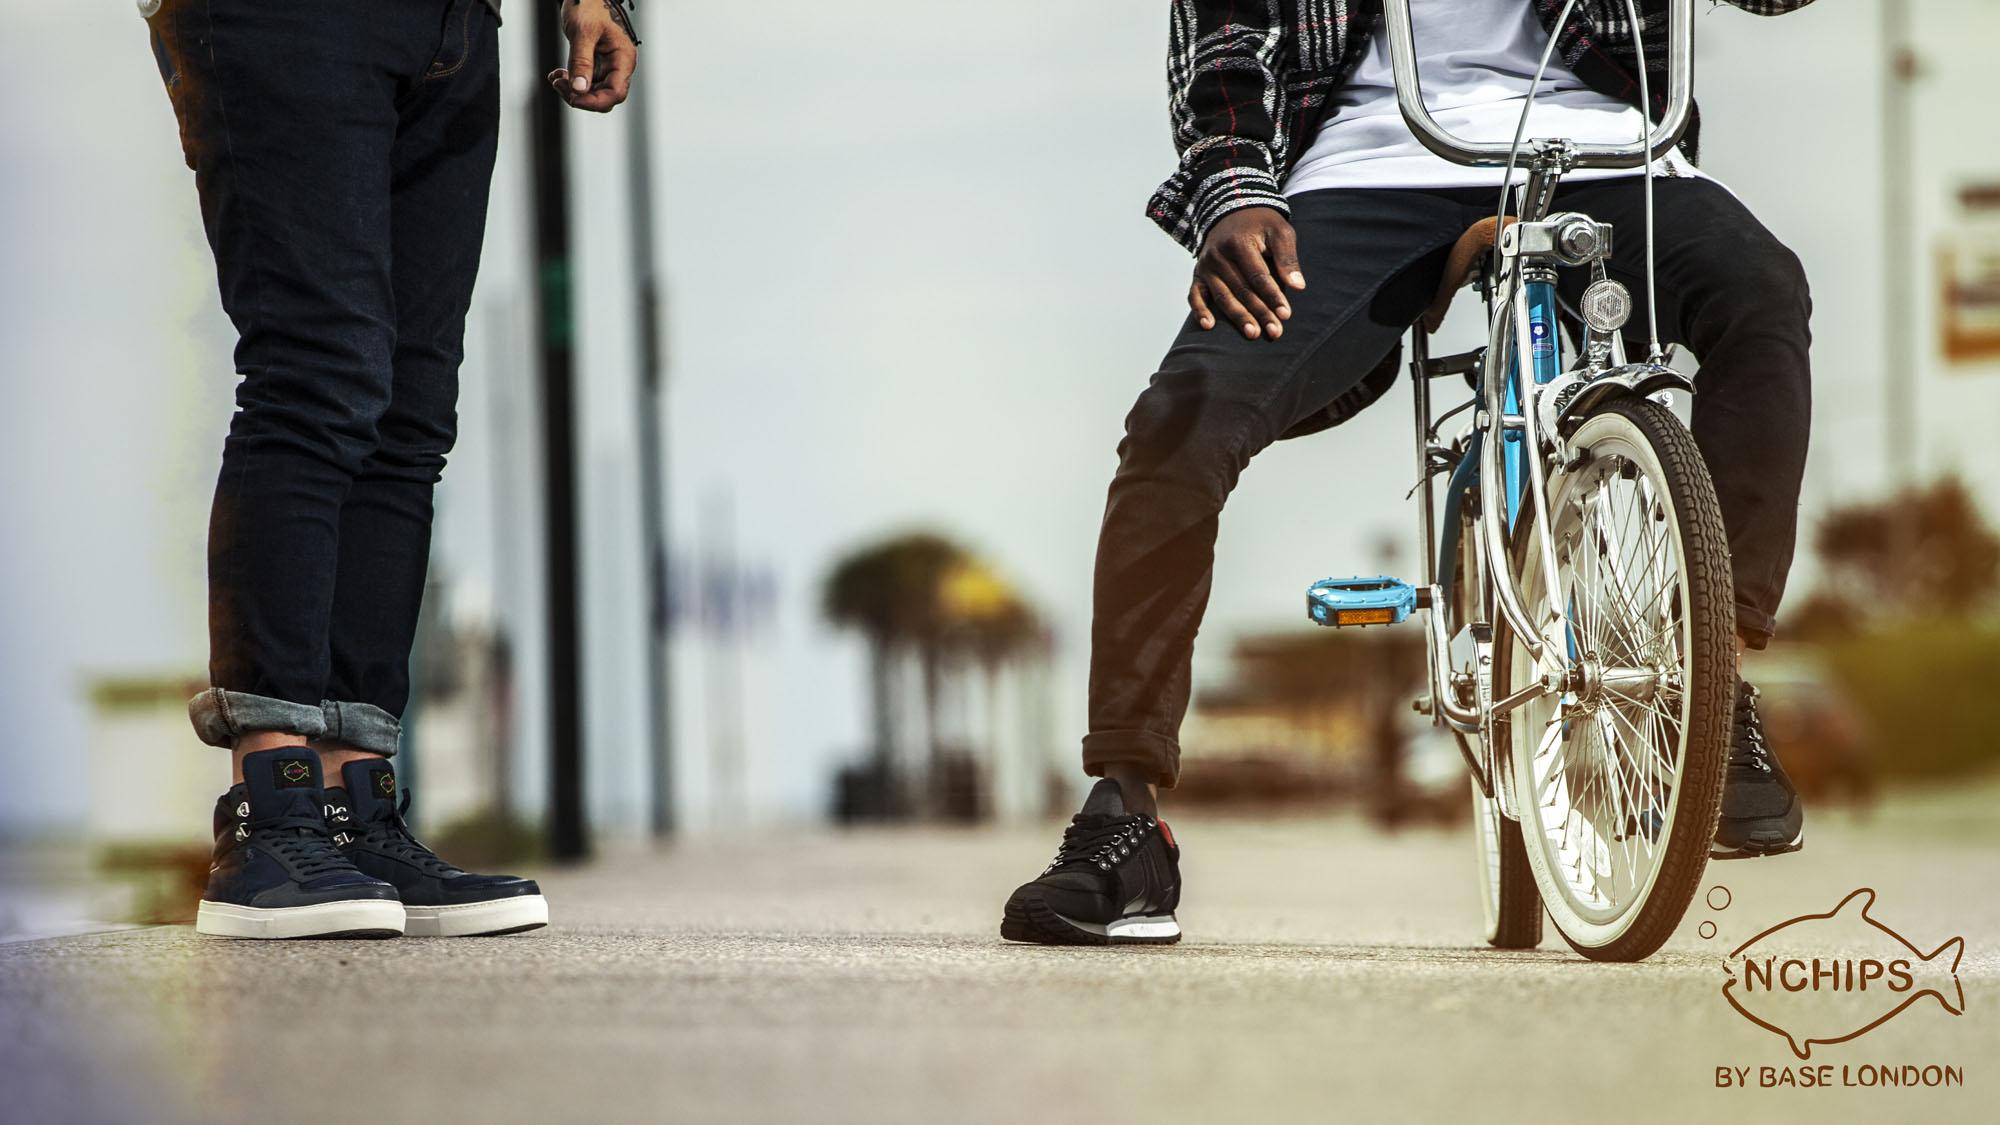 bike shoes sunset EDIT LOGO.jpg